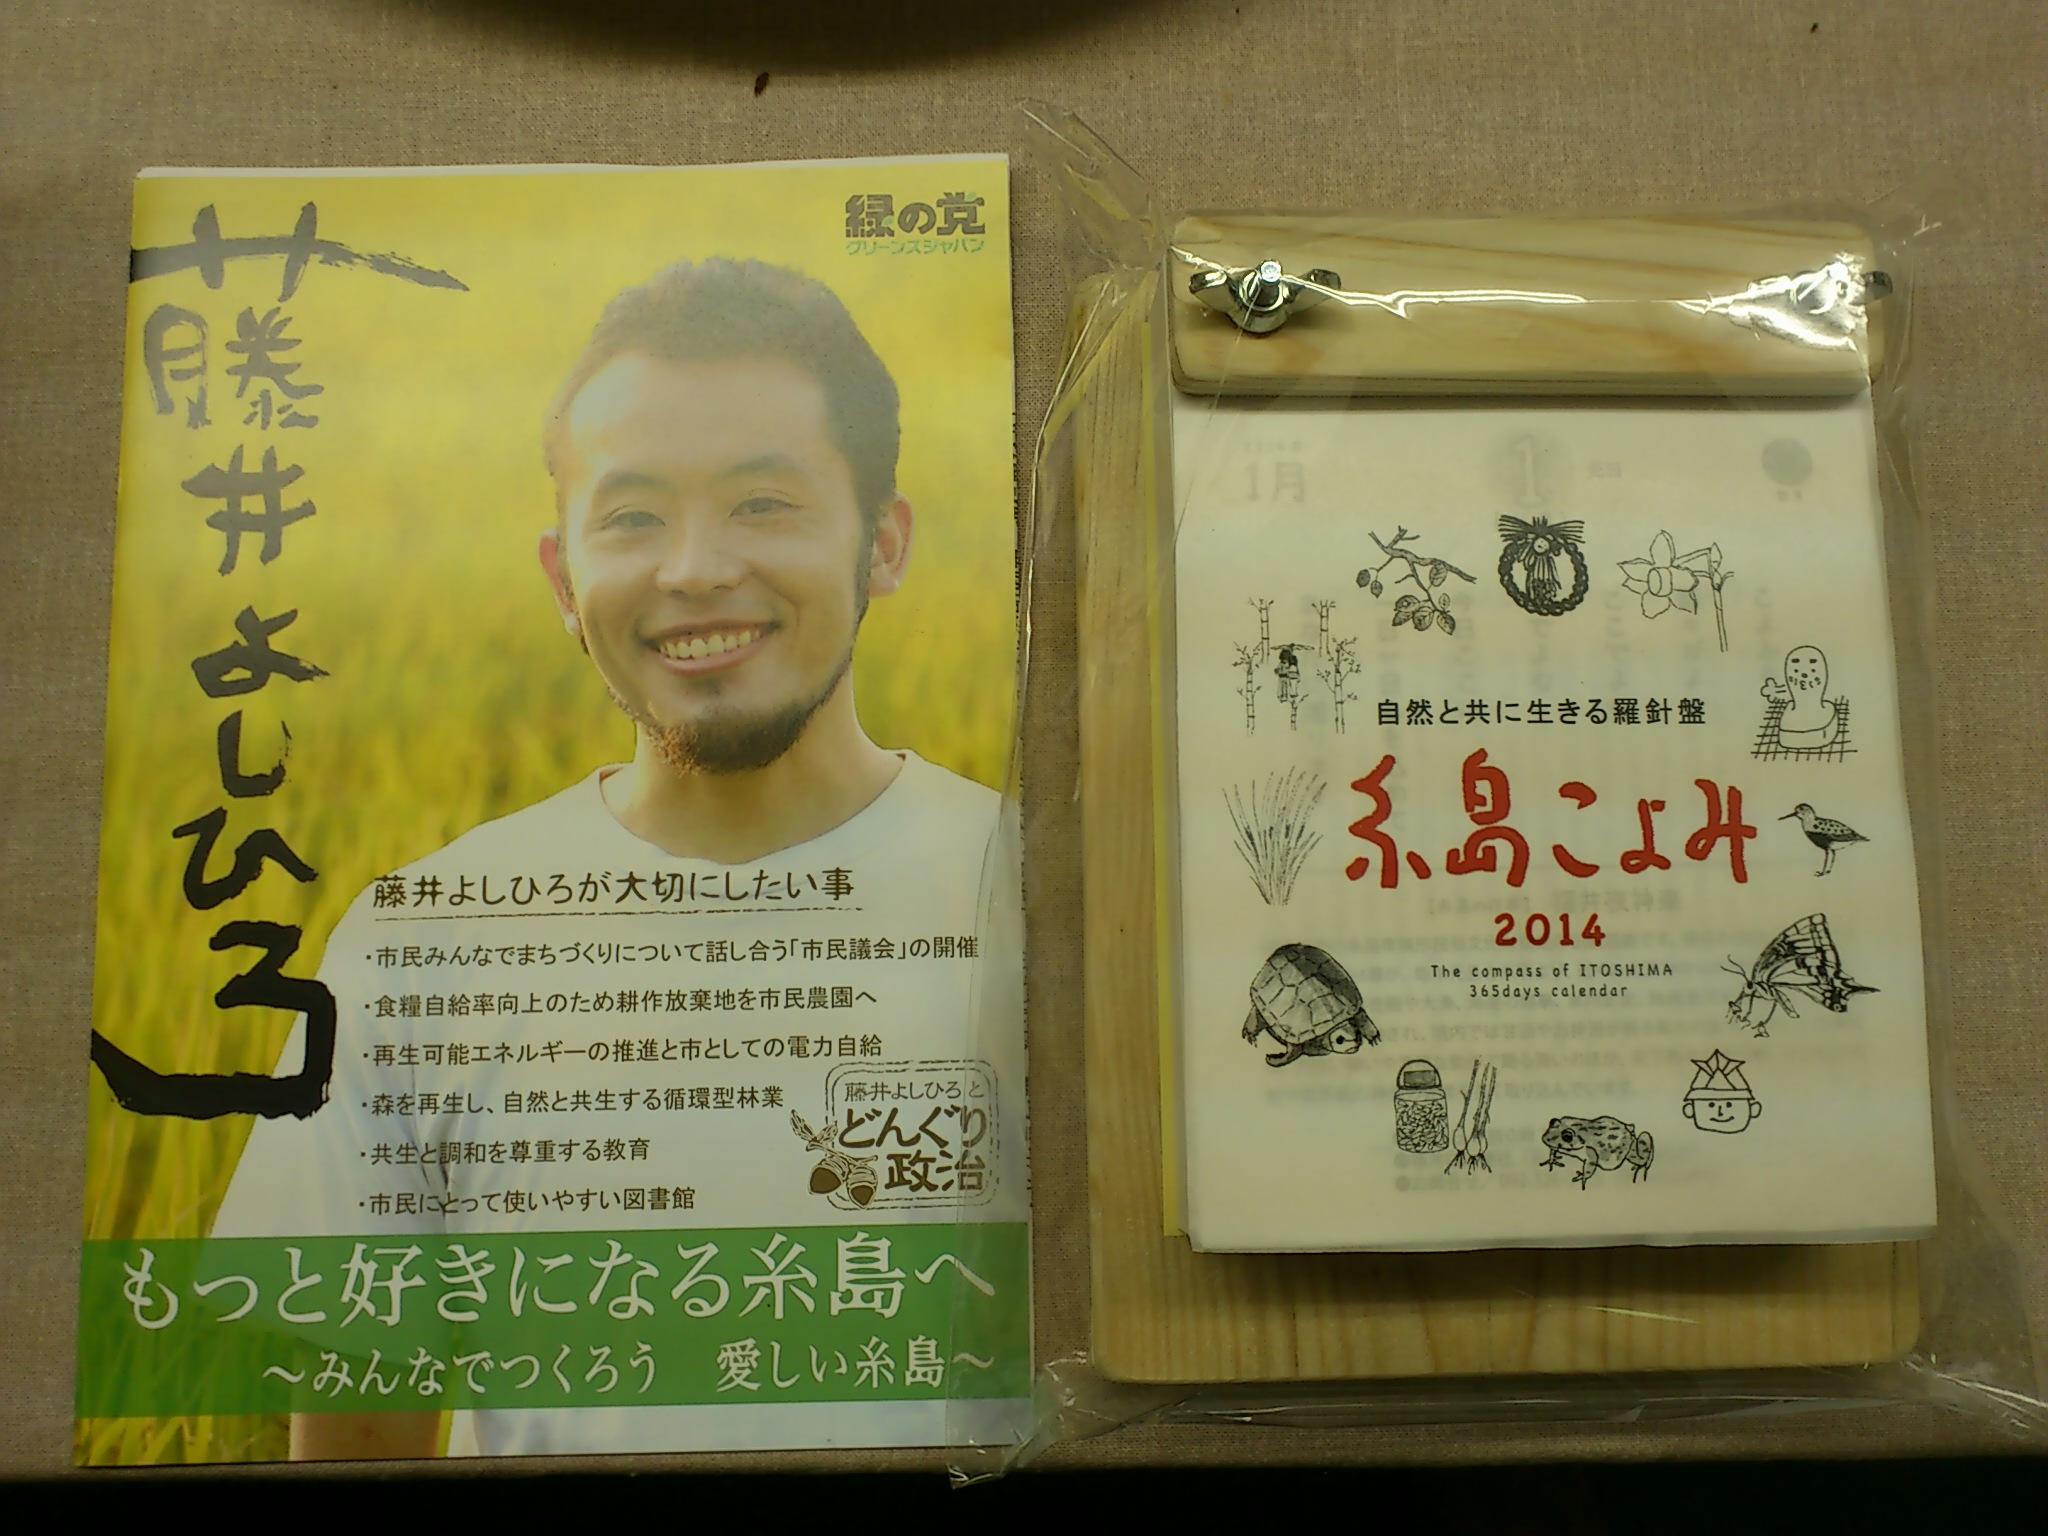 糸島市議選に出る藤井もんから糸島こよみもらった♪彼は皆の話を聞け、頭でなく足で考えられる素晴らしい男